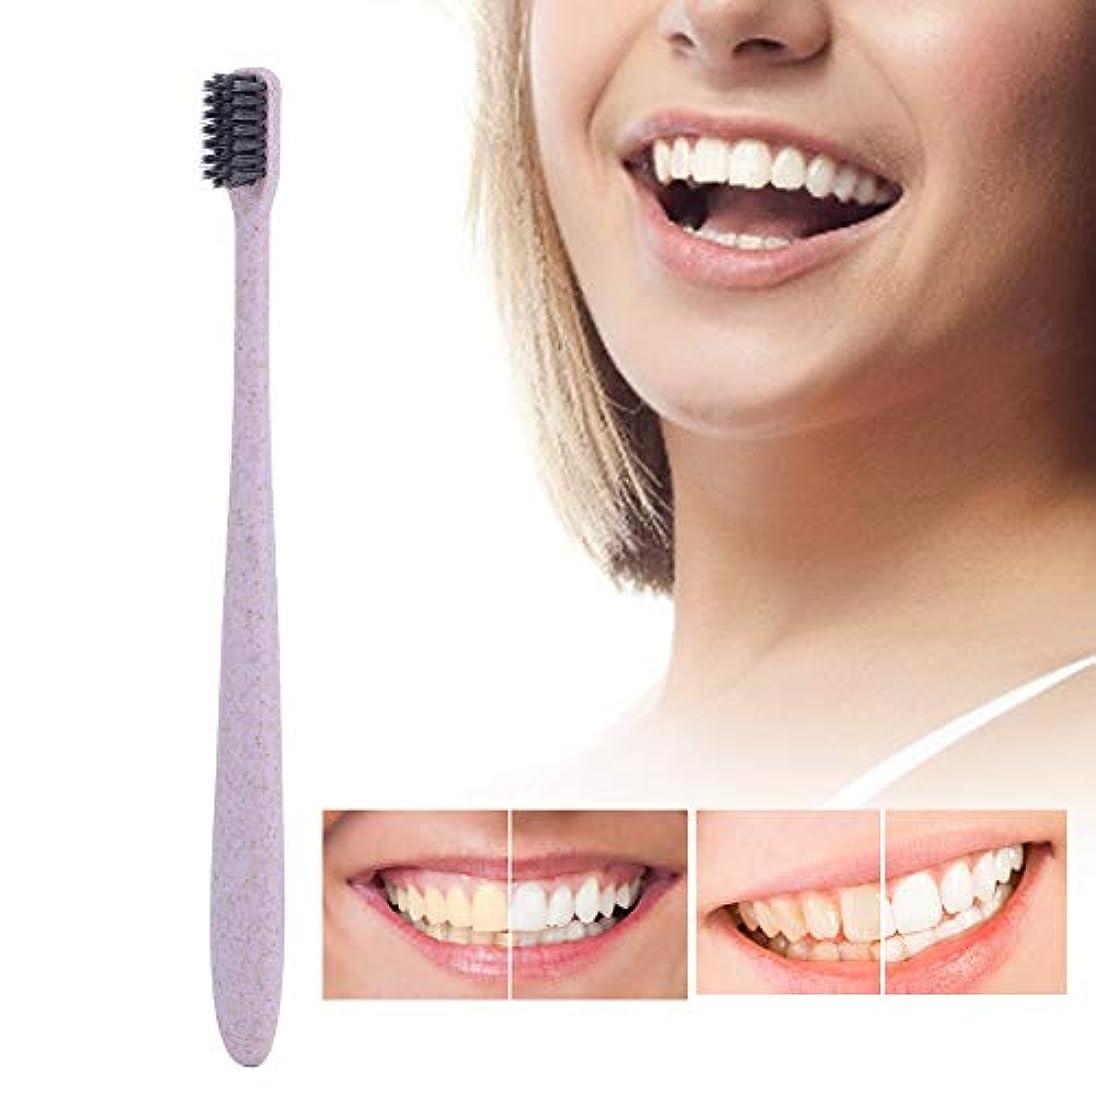 くつろぐ噂コスト10ピース歯ブラシ、柔らかい竹炭ブラシ髪小麦ハンドル歯ブラシ大人の口腔ケア歯ブラシ